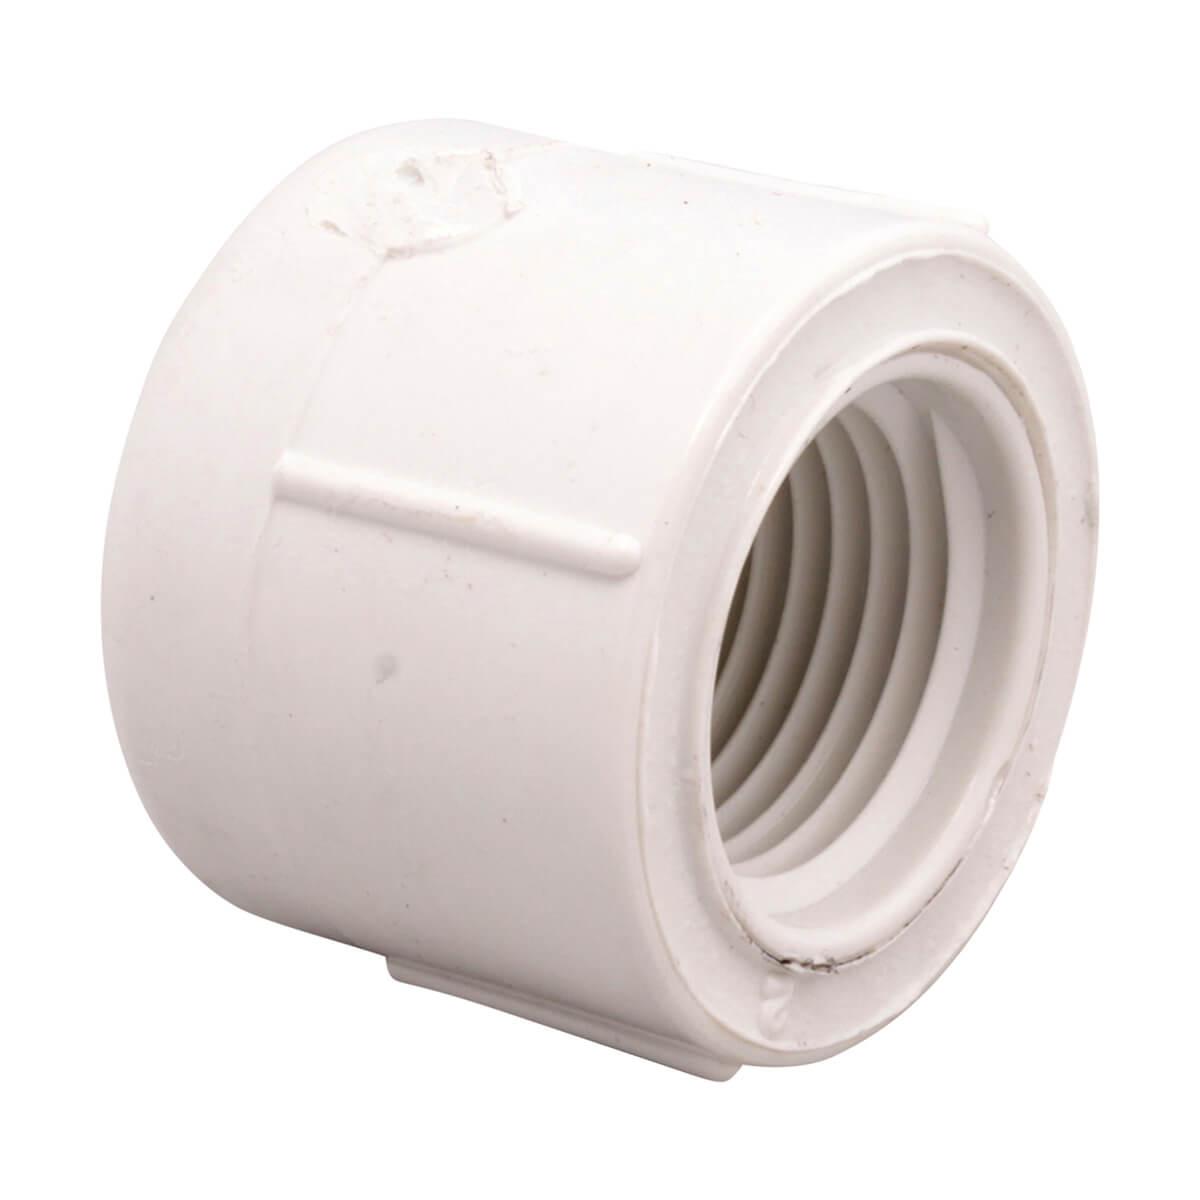 Socket - 1-in Cap